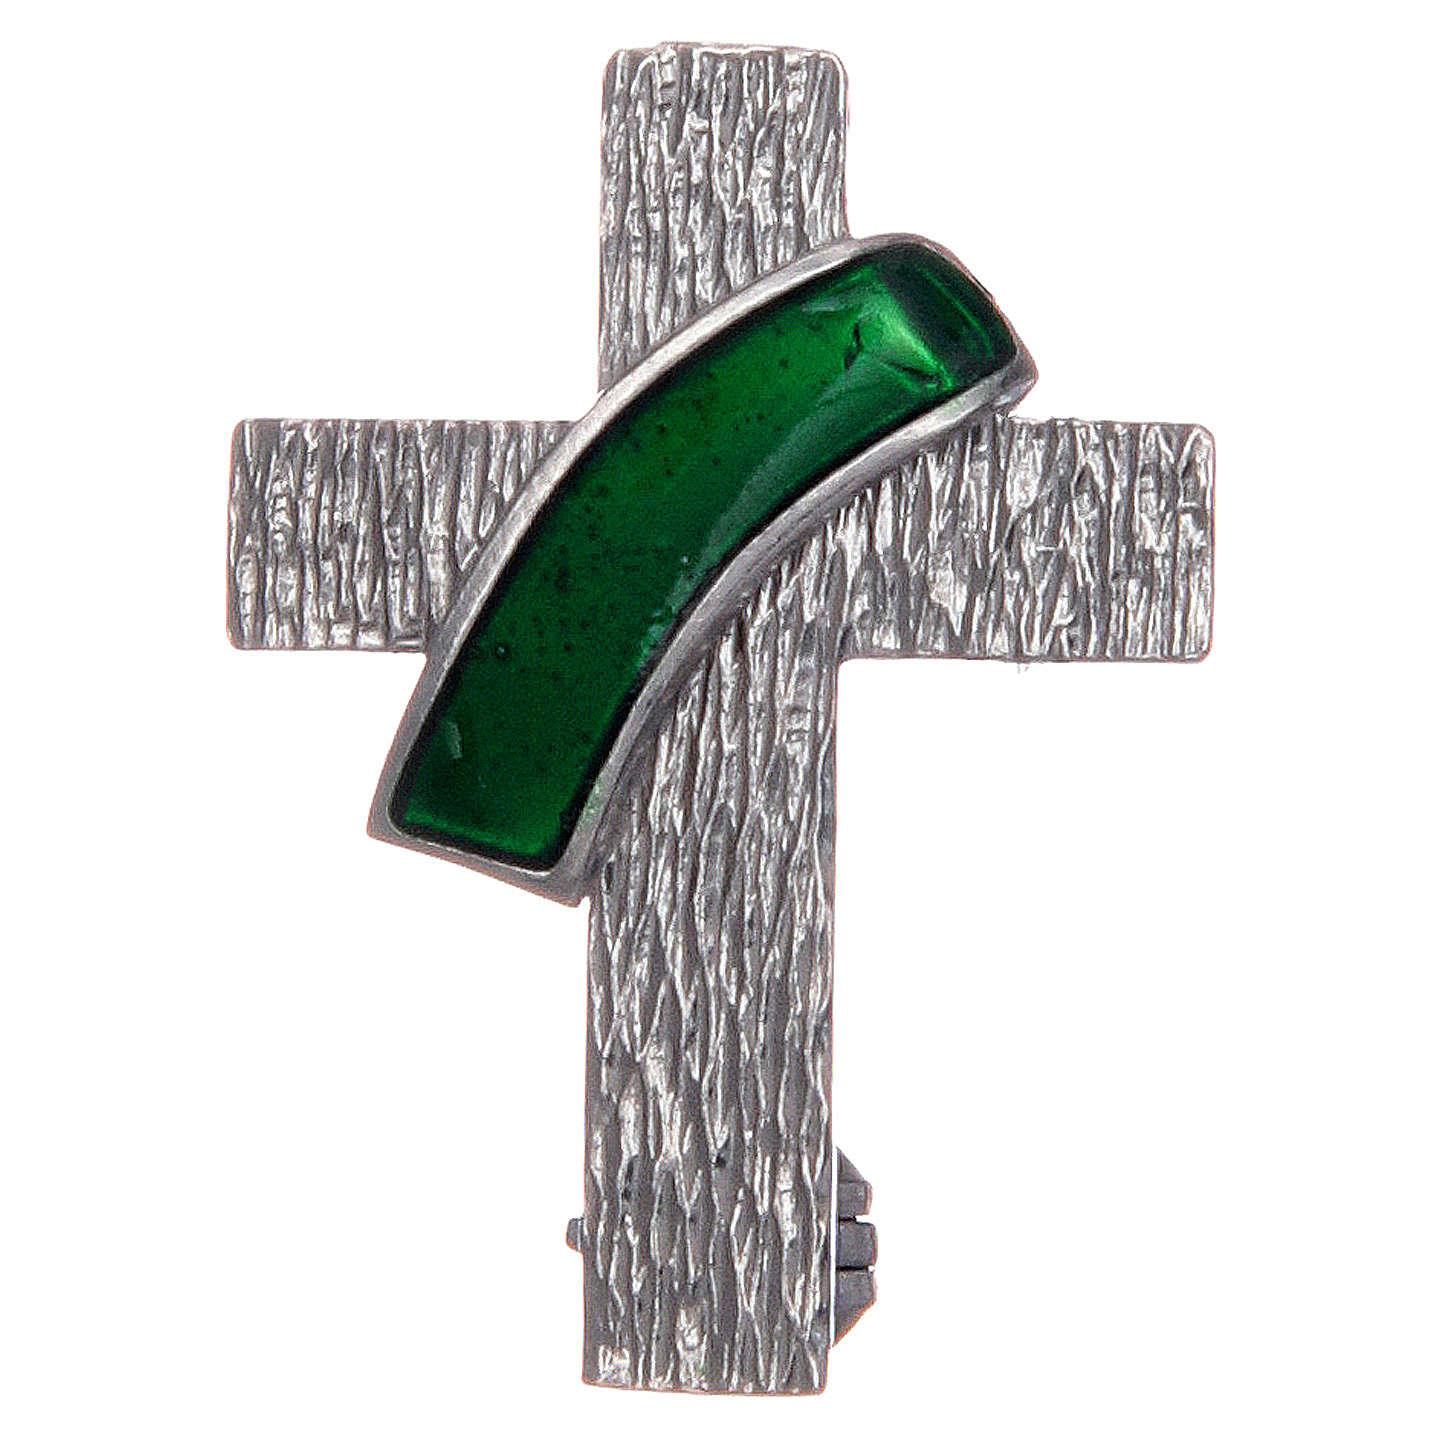 Deacon cross lapel pin in 925 silver and green enamel 4